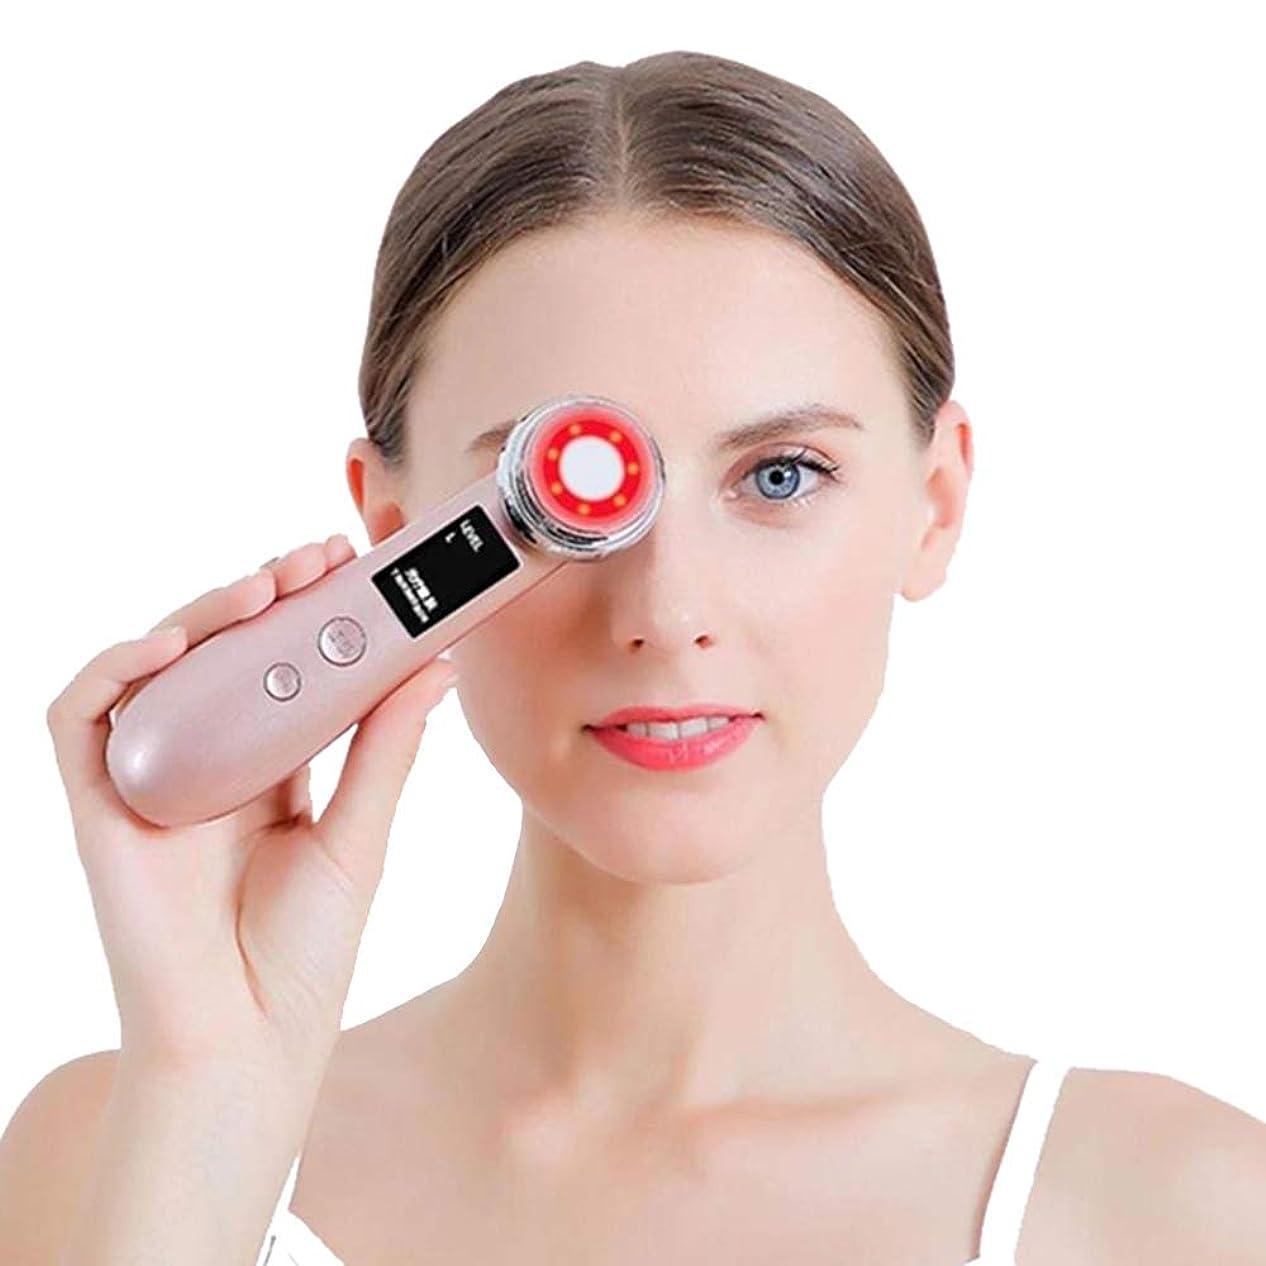 慢な研磨侵略イオントフォレーシスはLEDの色美容機器美容インポートインストゥルメント?アイ輸入機器の電気マッサージ引き締め肌のスキンケアマッサージ